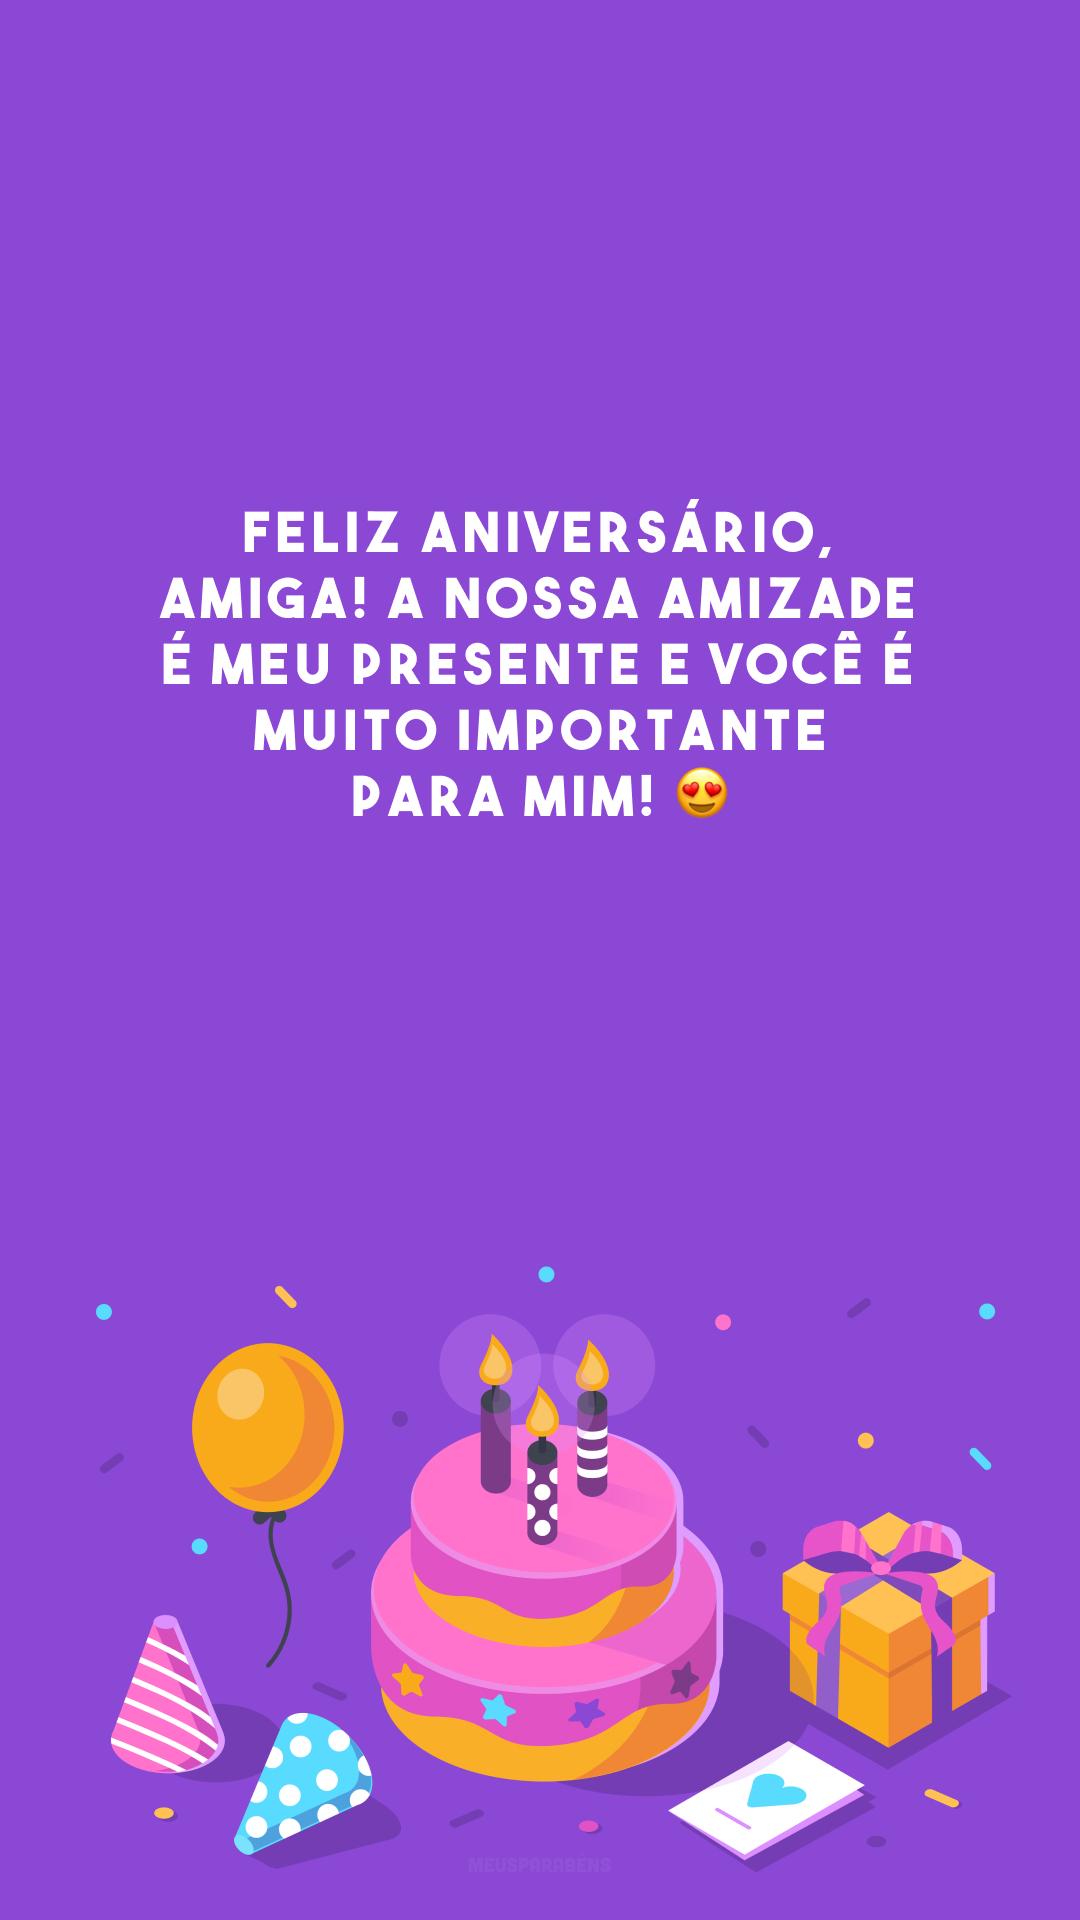 Feliz aniversário, amiga! A nossa amizade é meu presente e você é muito importante para mim! 😍